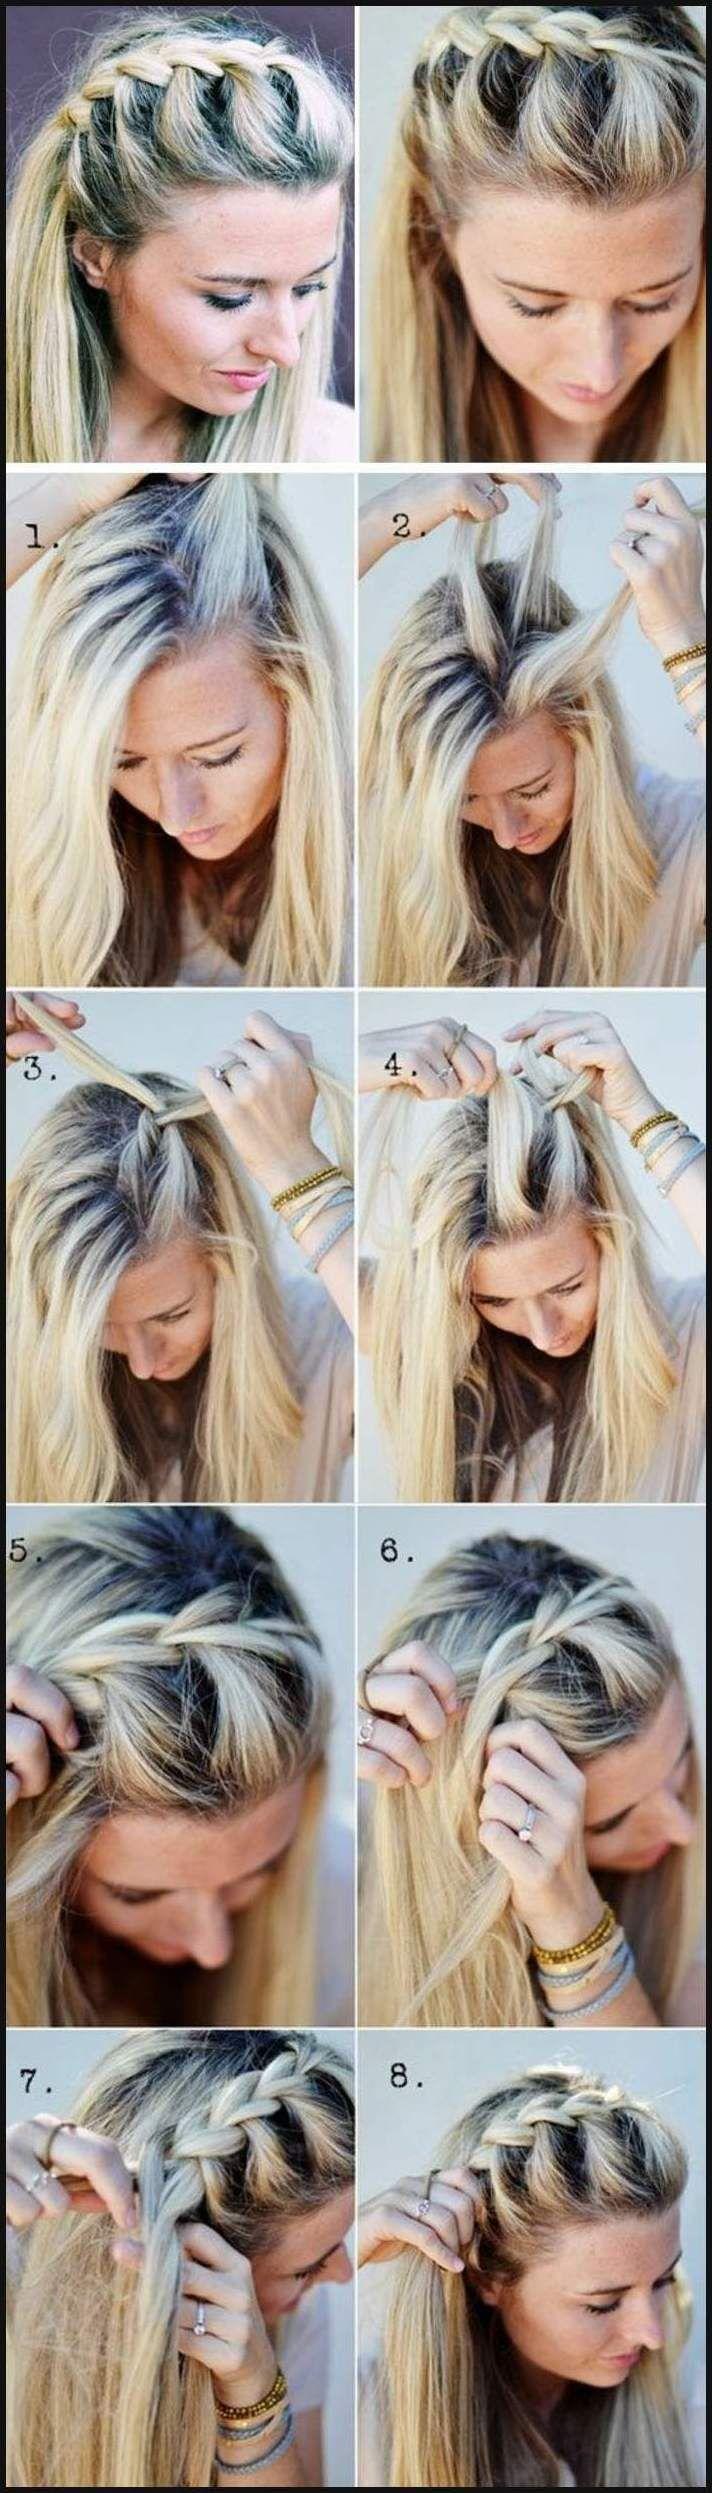 82 best Frisuren images on Pinterest | Hairstyle ideas, Short hair ... | Einfache Frisuren